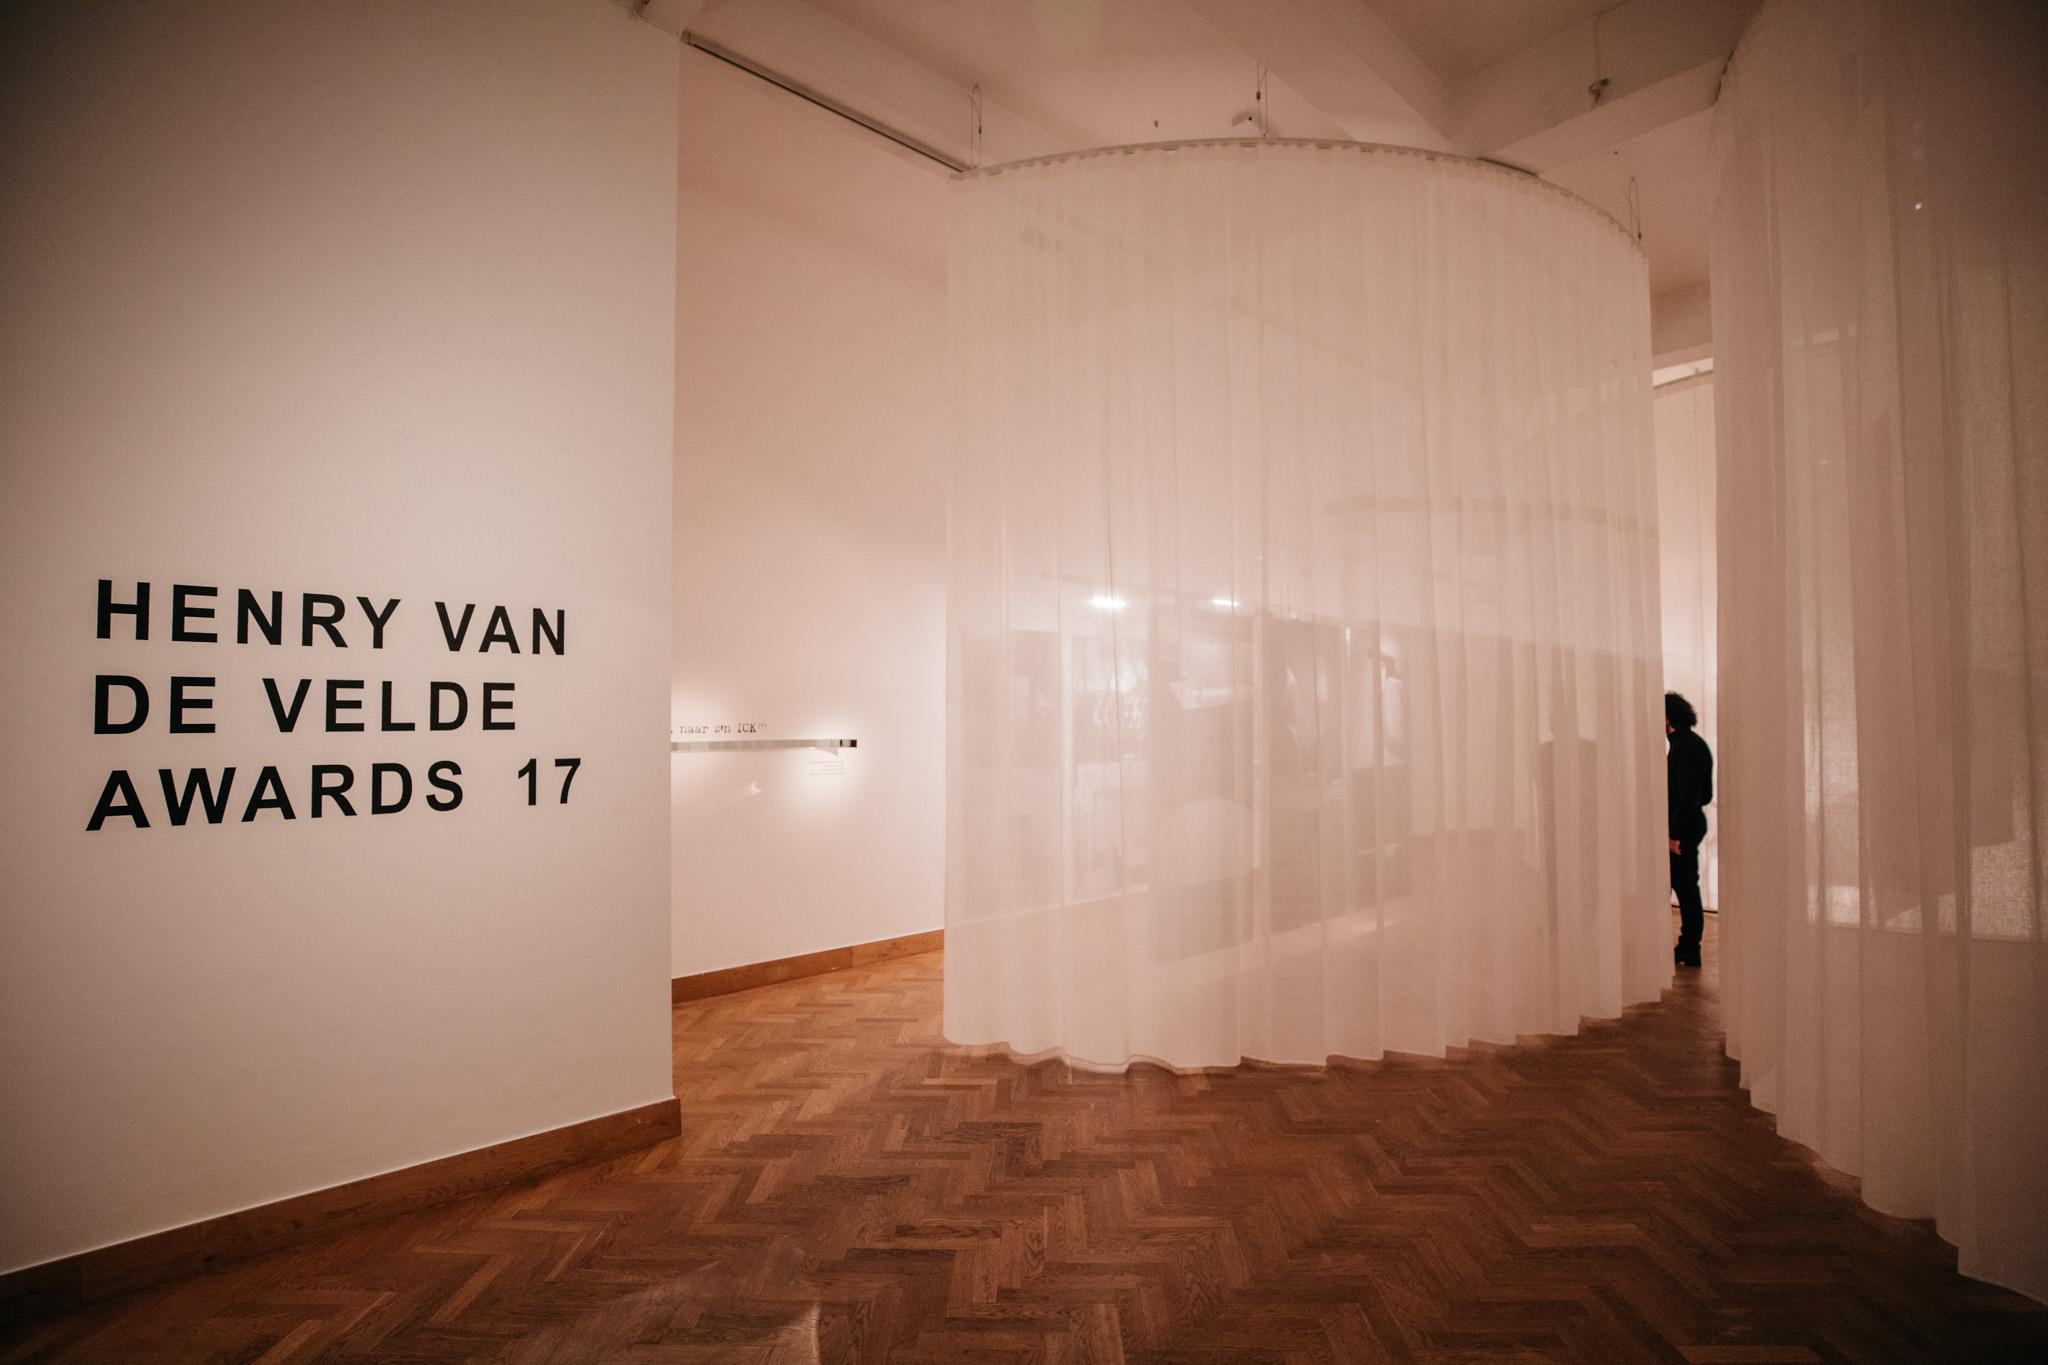 HVDV awards - photo by Fille Roelants-41.jpg